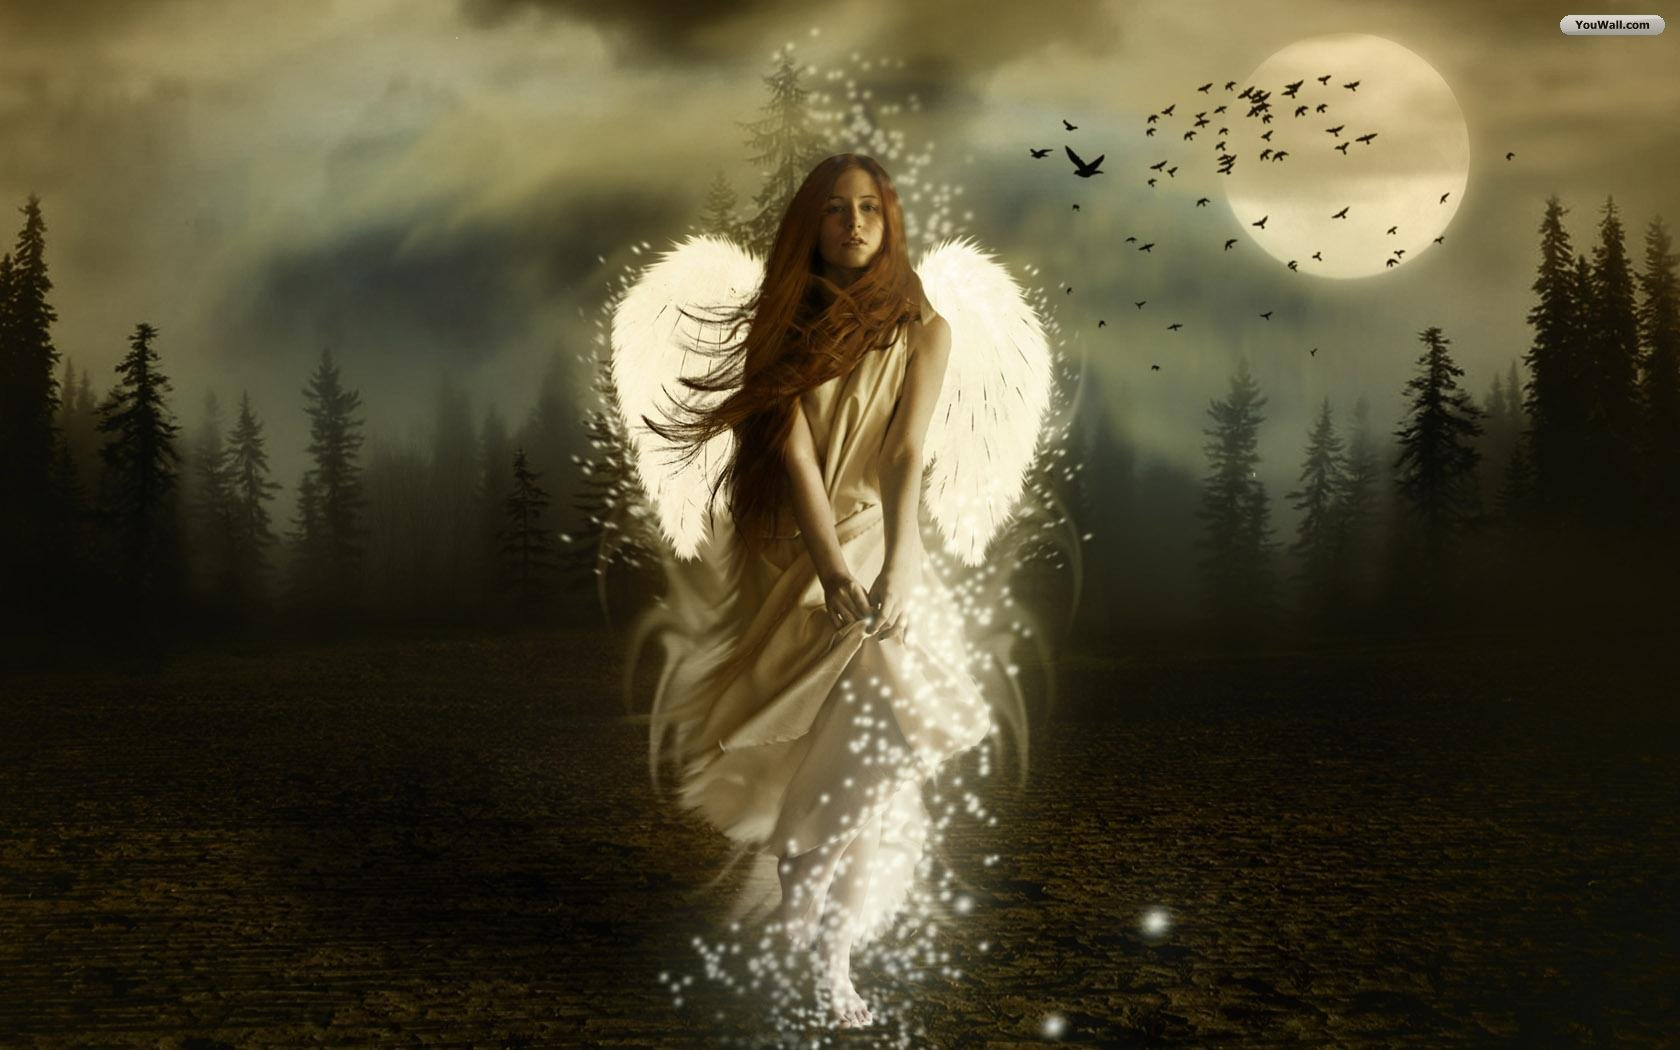 free wallpaper for desktop of angels   wwwwallpapers in hdcom 1680x1050